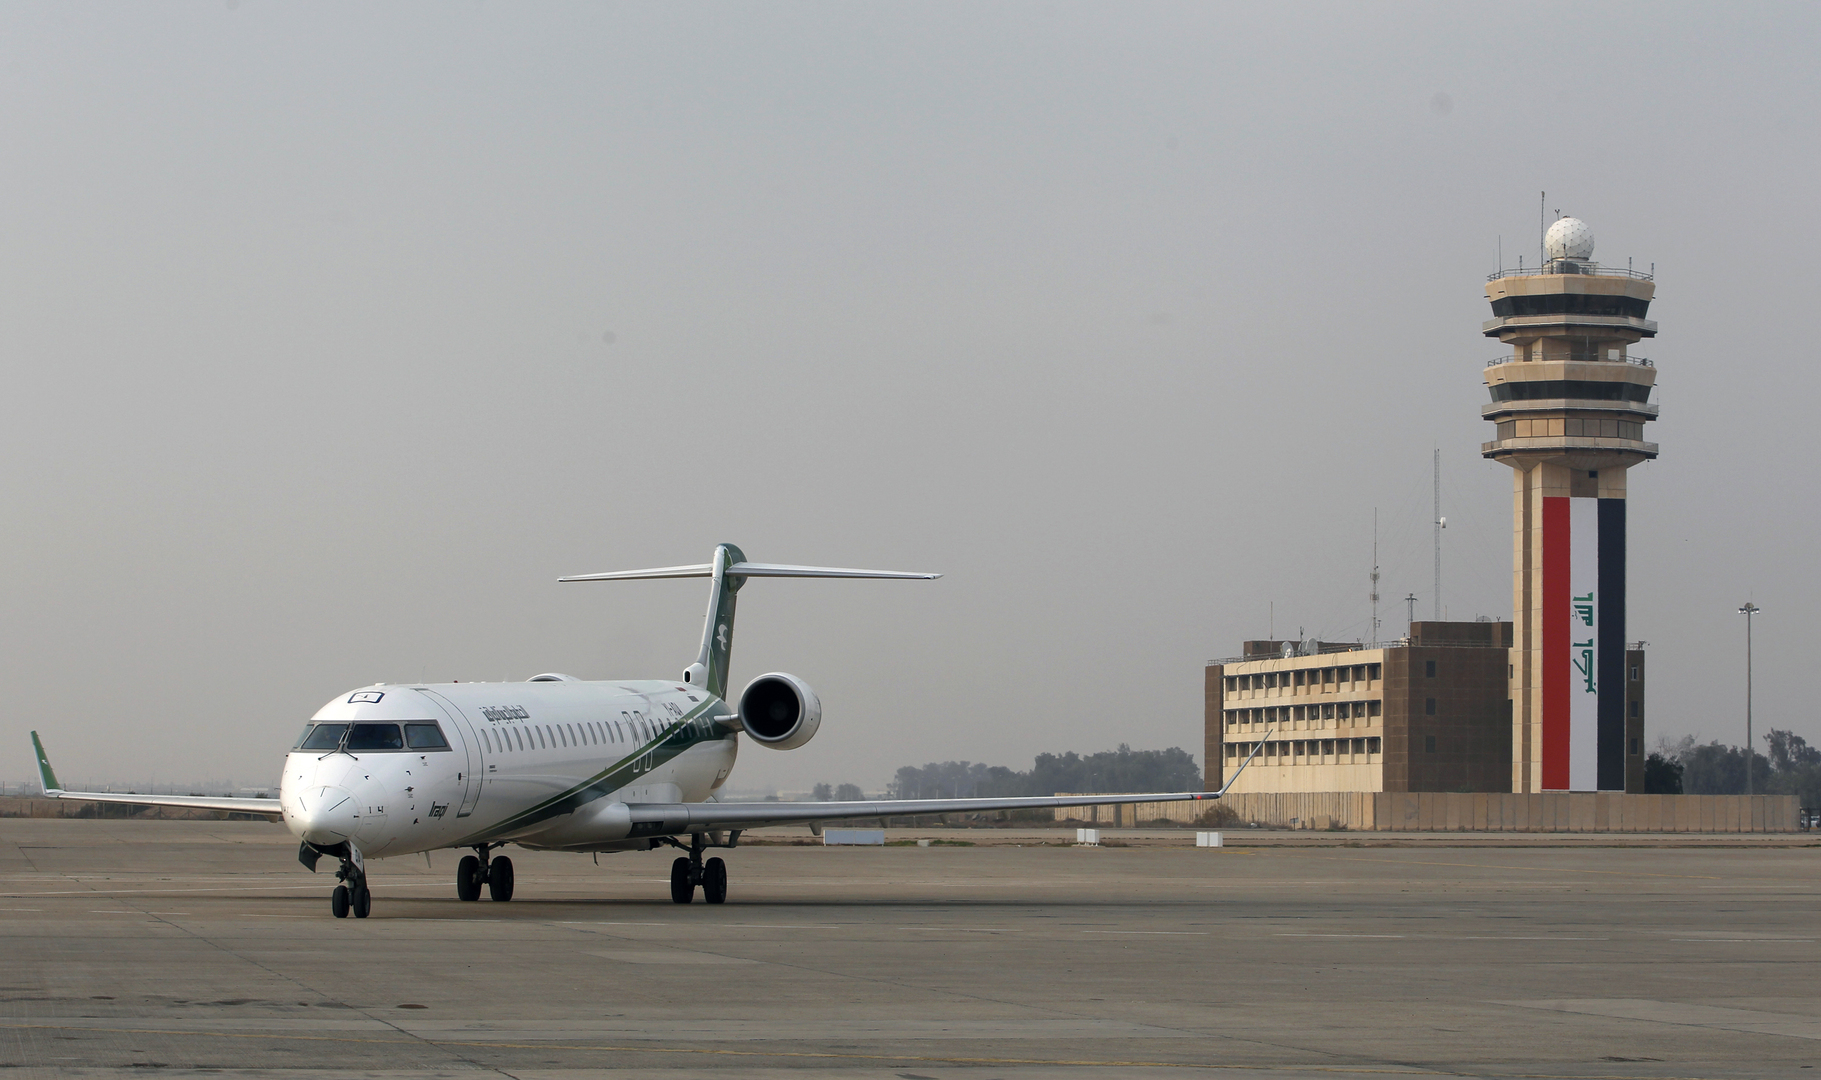 السلطات العراقية: حركة الطيران في مطار بغداد الدولي طبيعية